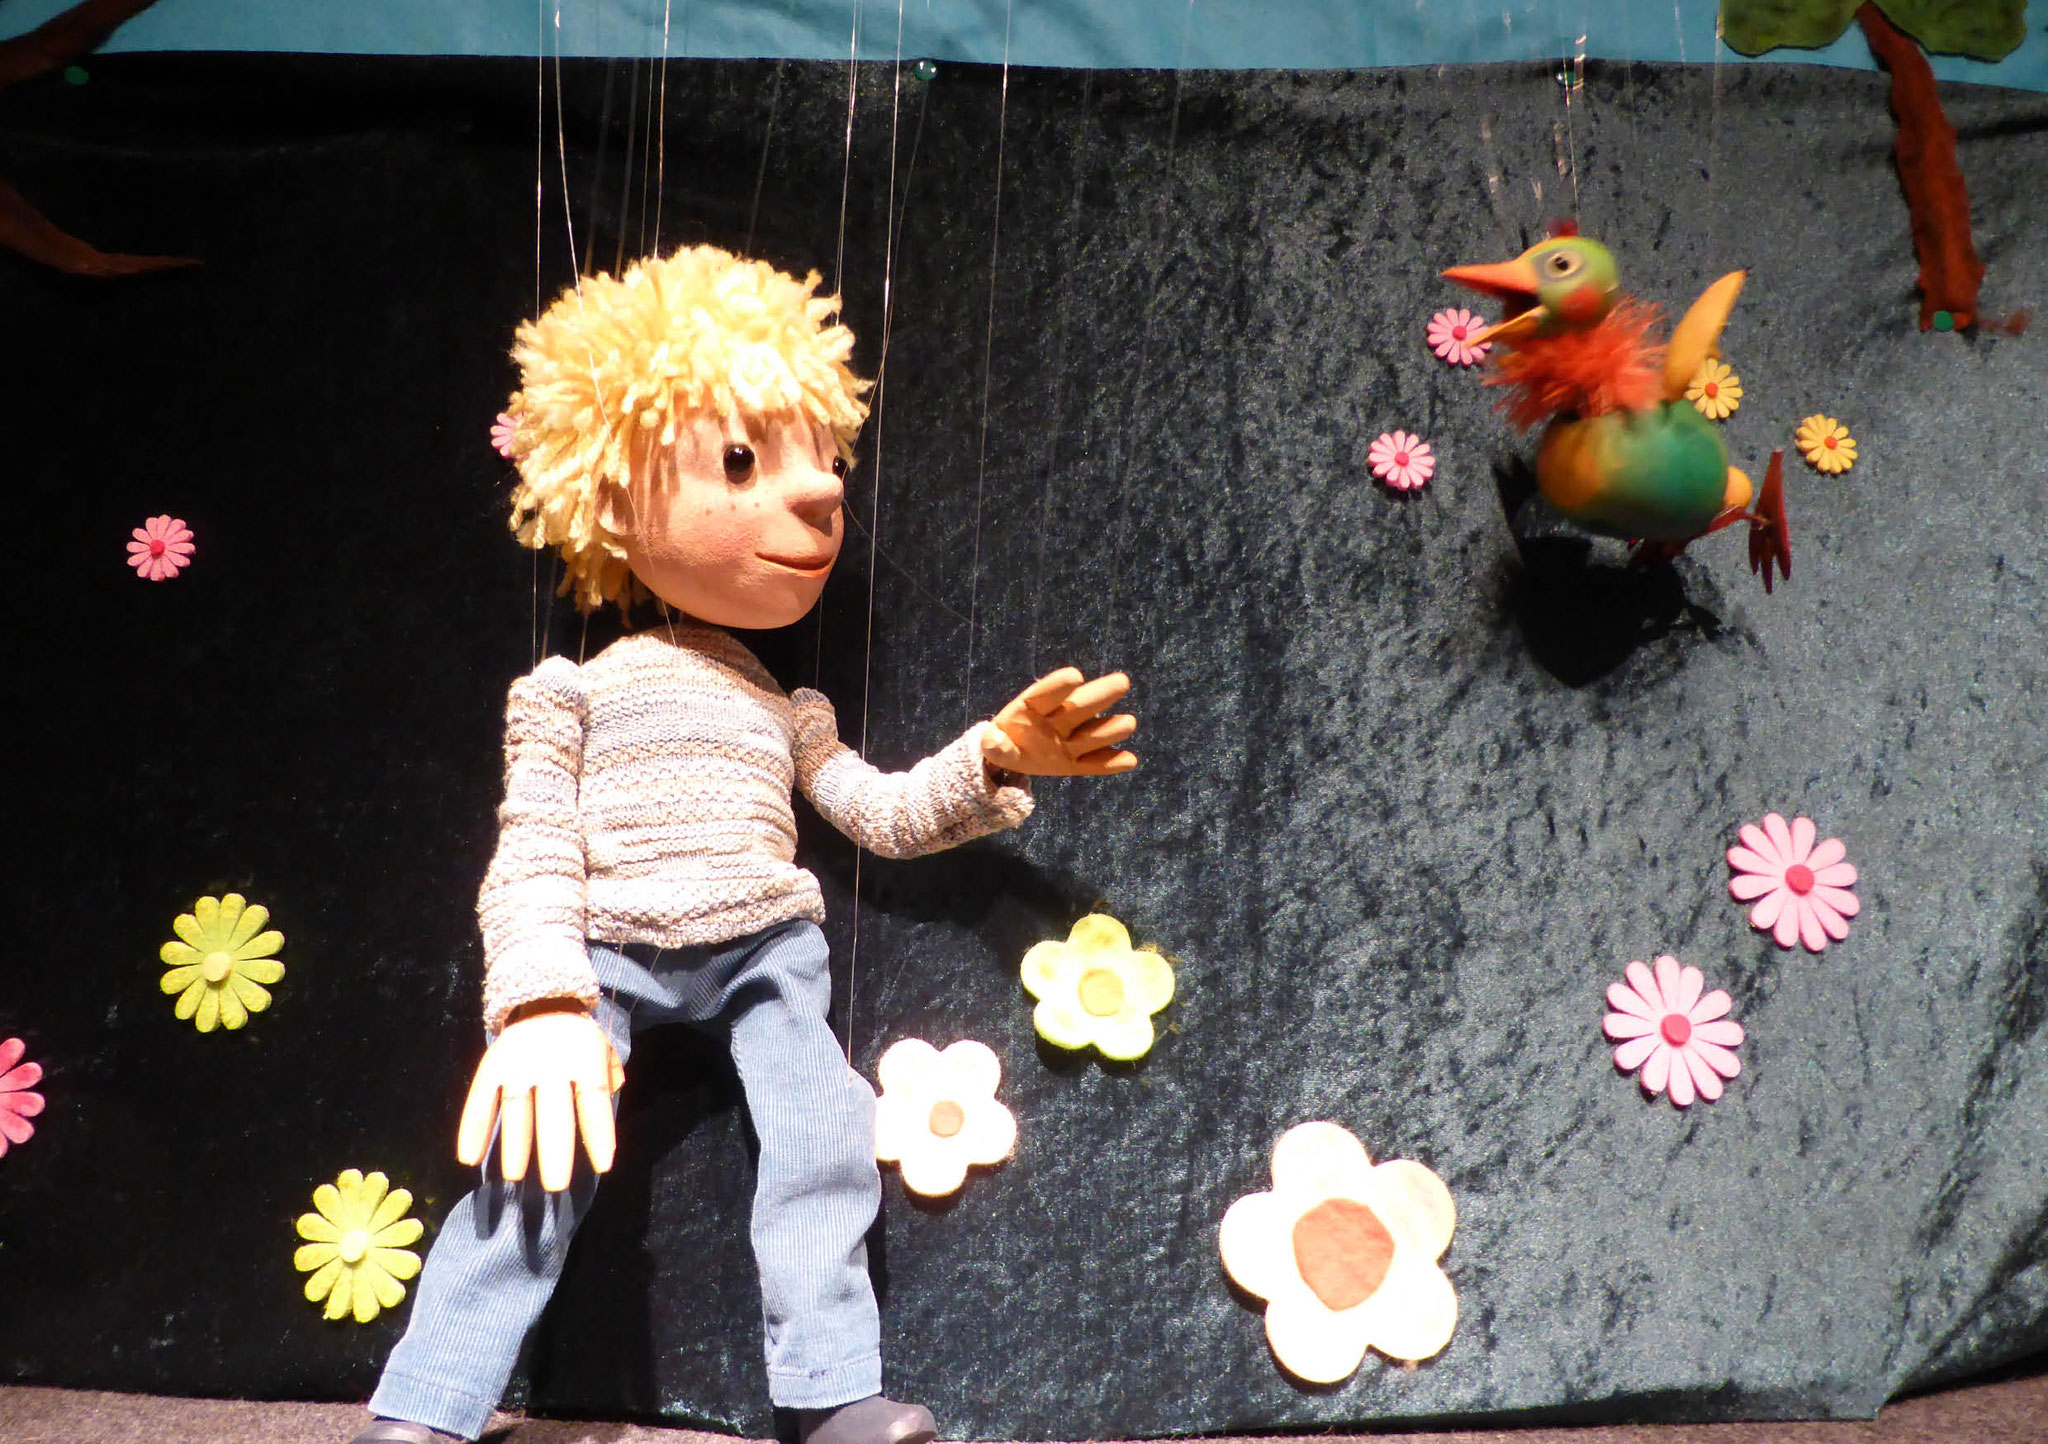 Marionettentheater Zaubervogel: Das Silberklung